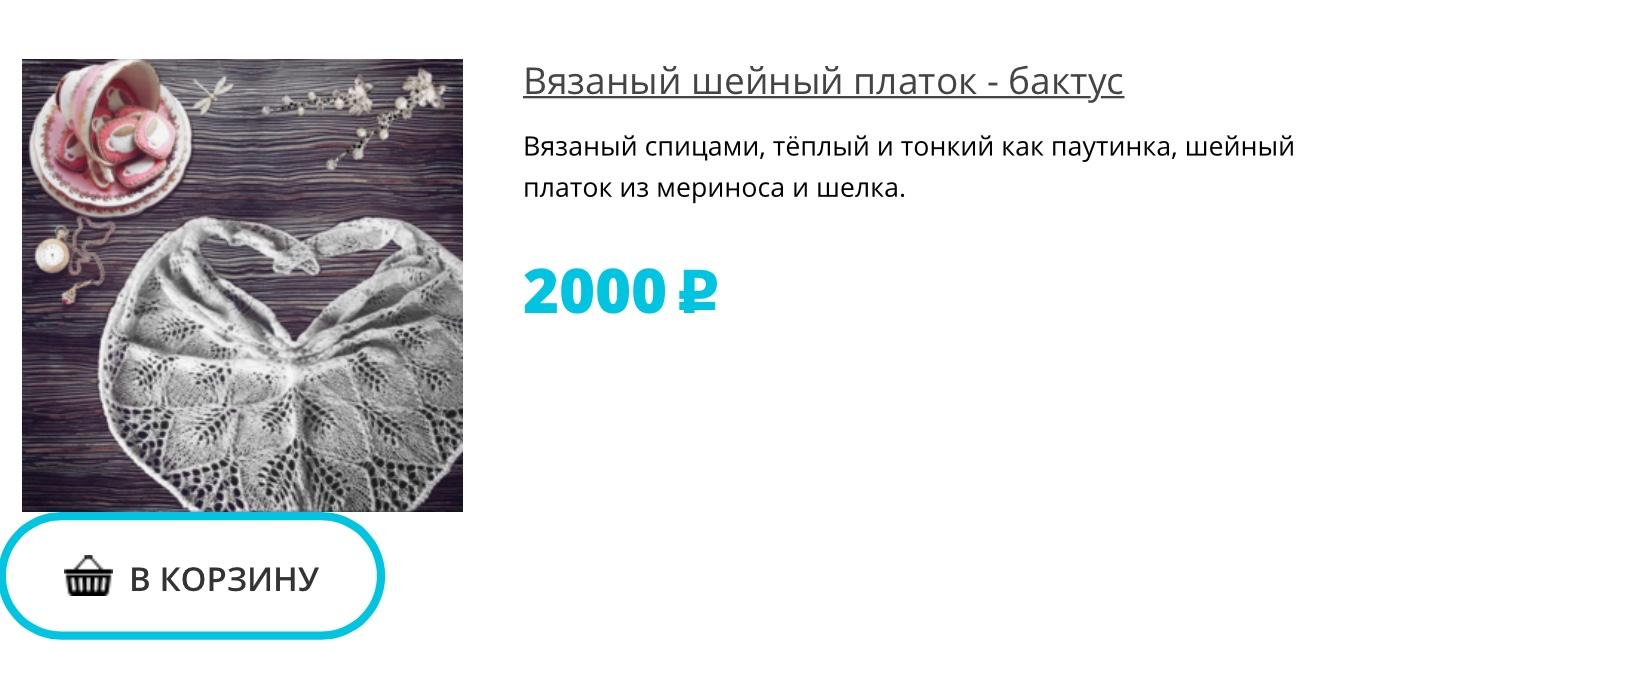 EE5EAC02-B875-4863-8F8B-4920BD0FB565.jpeg